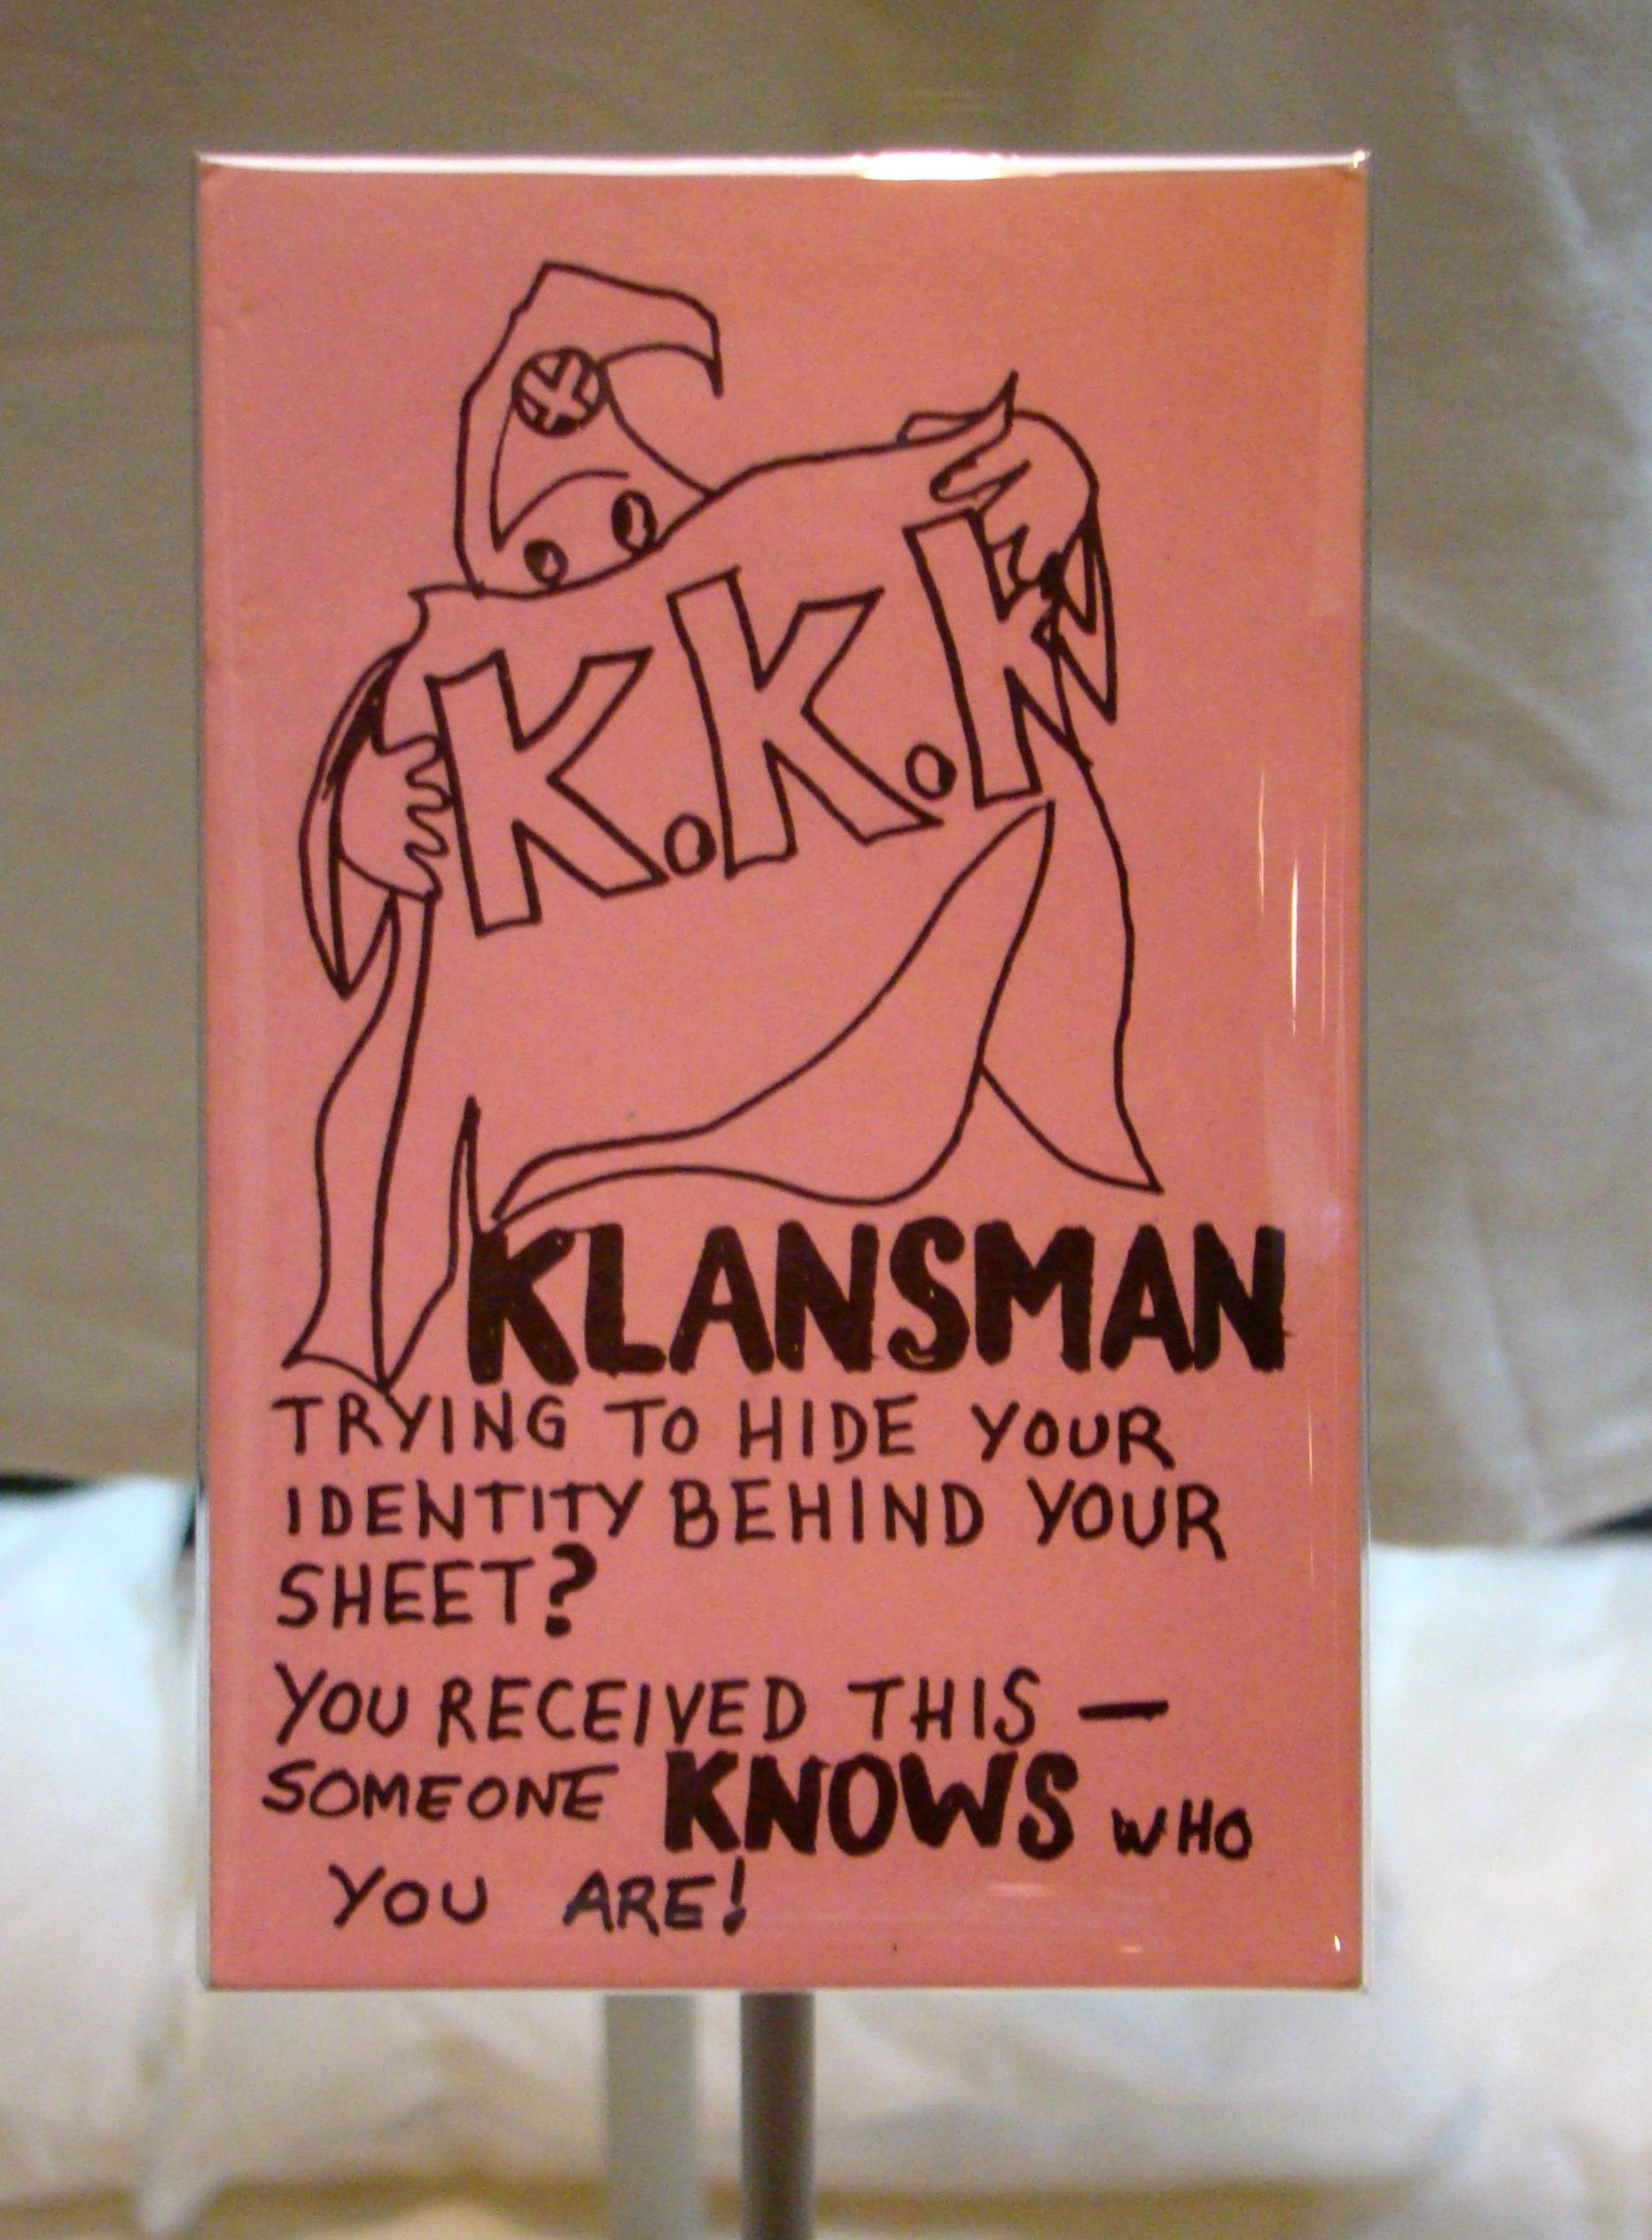 talk ku klux klan archive